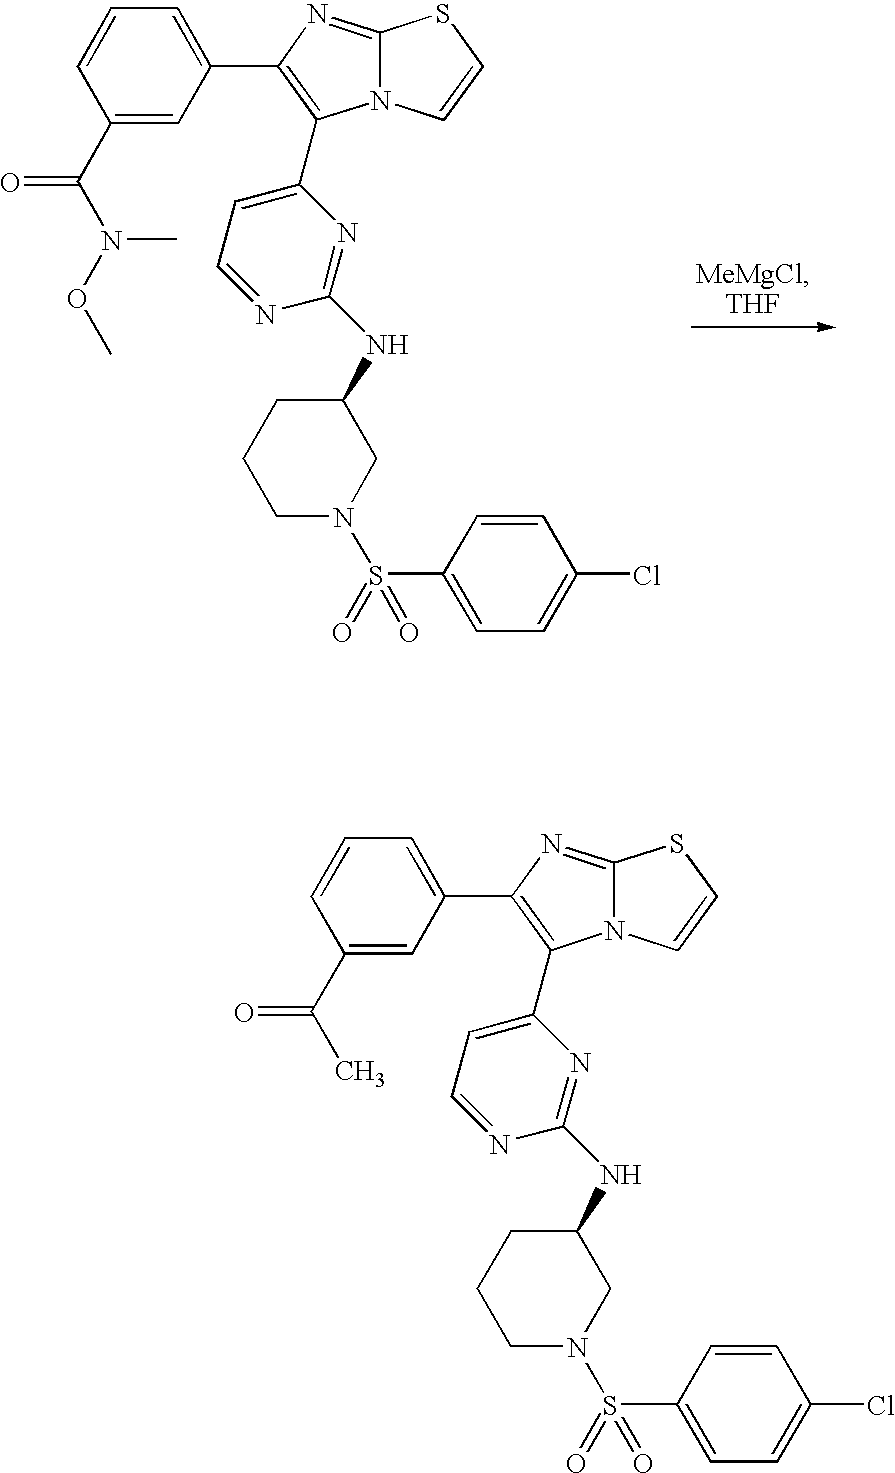 Figure US20090136499A1-20090528-C00057